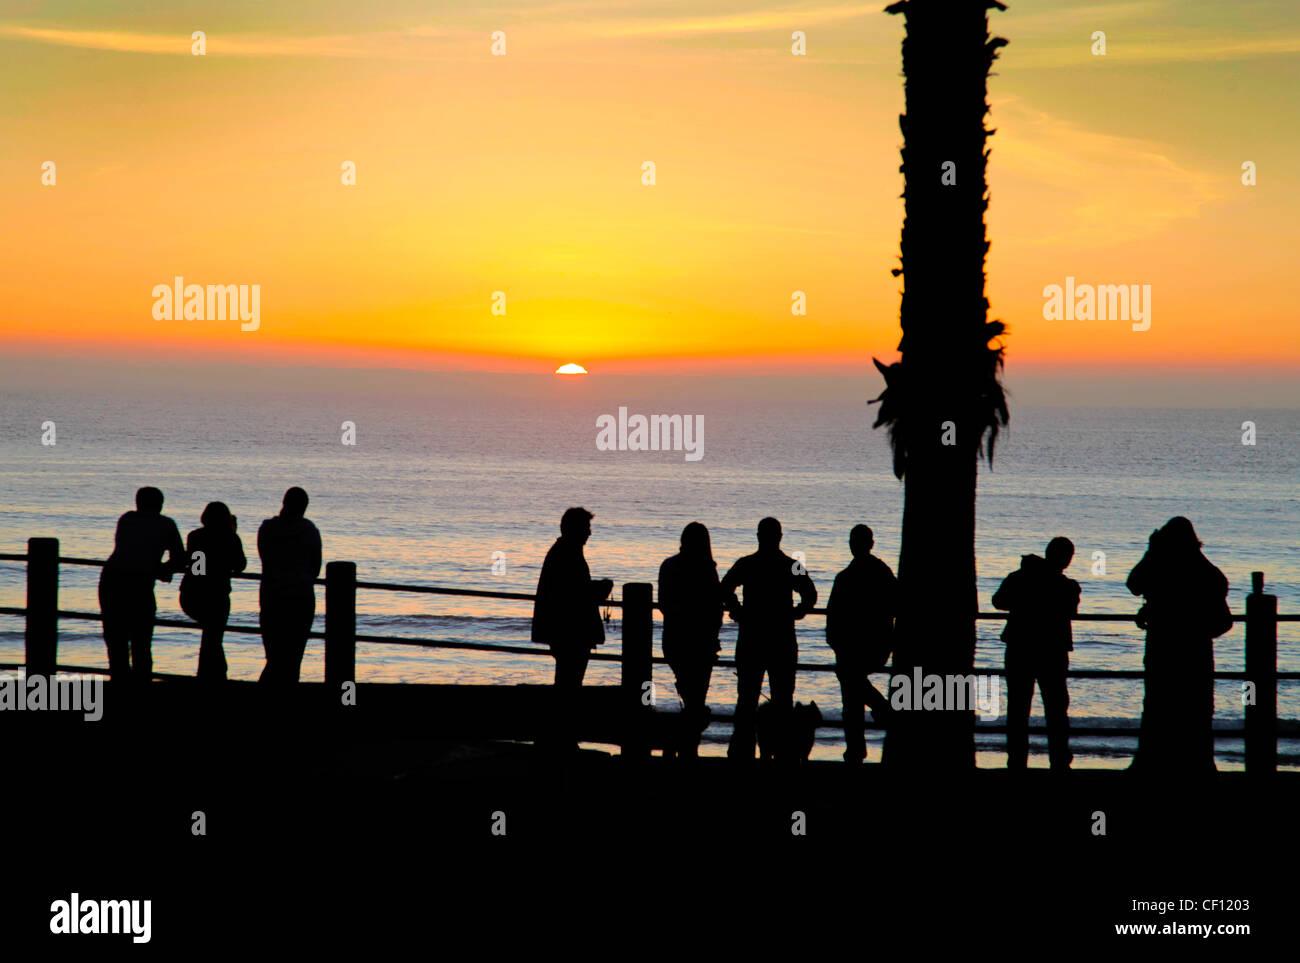 Observar el atardecer sobre el Pacífico,California,Estados Unidos Imagen De Stock